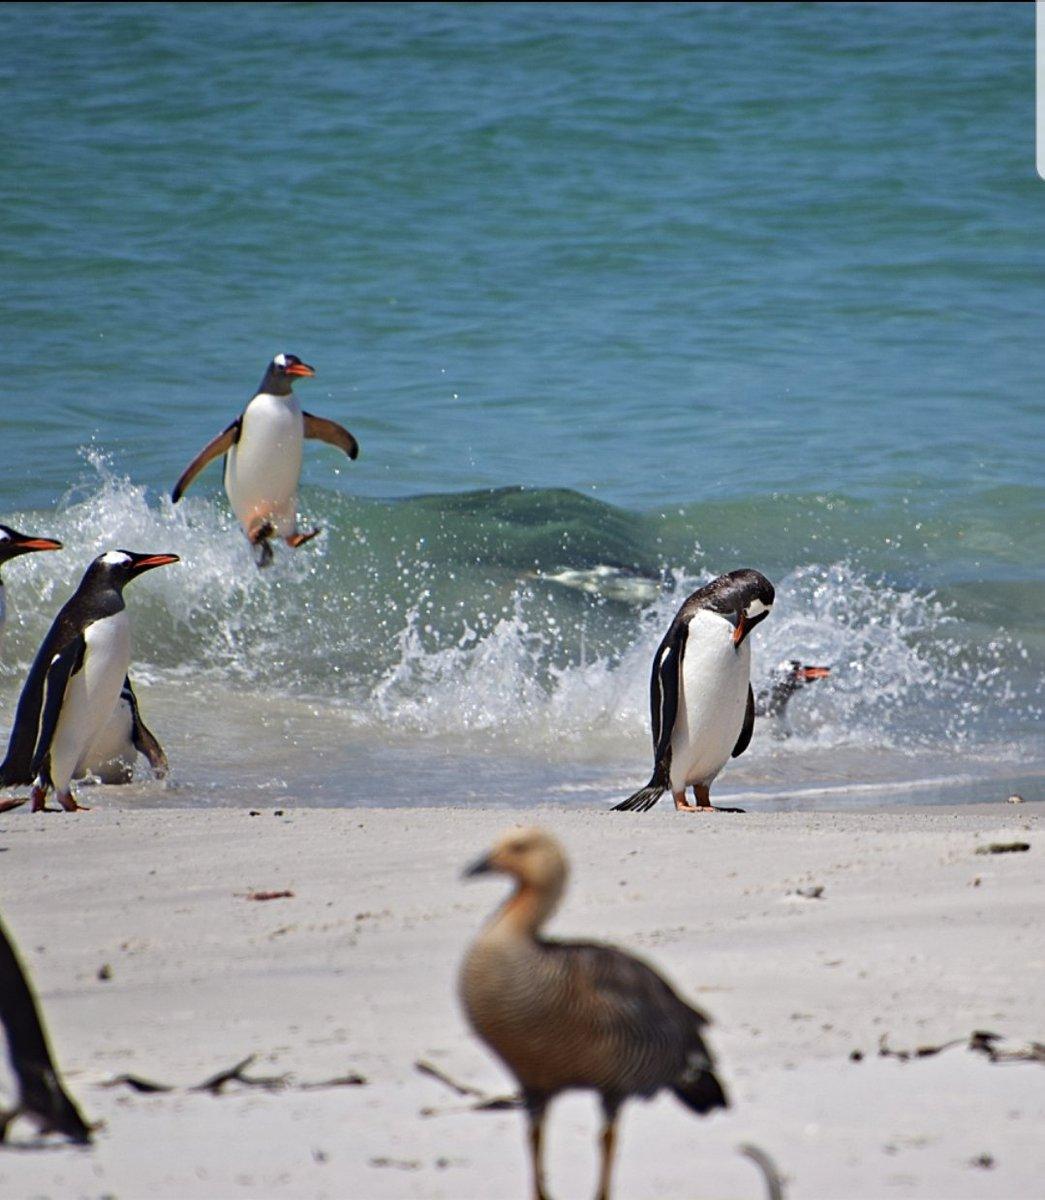 Surfing gentoo #penguin #falklands<br>http://pic.twitter.com/KSvygfXxf4